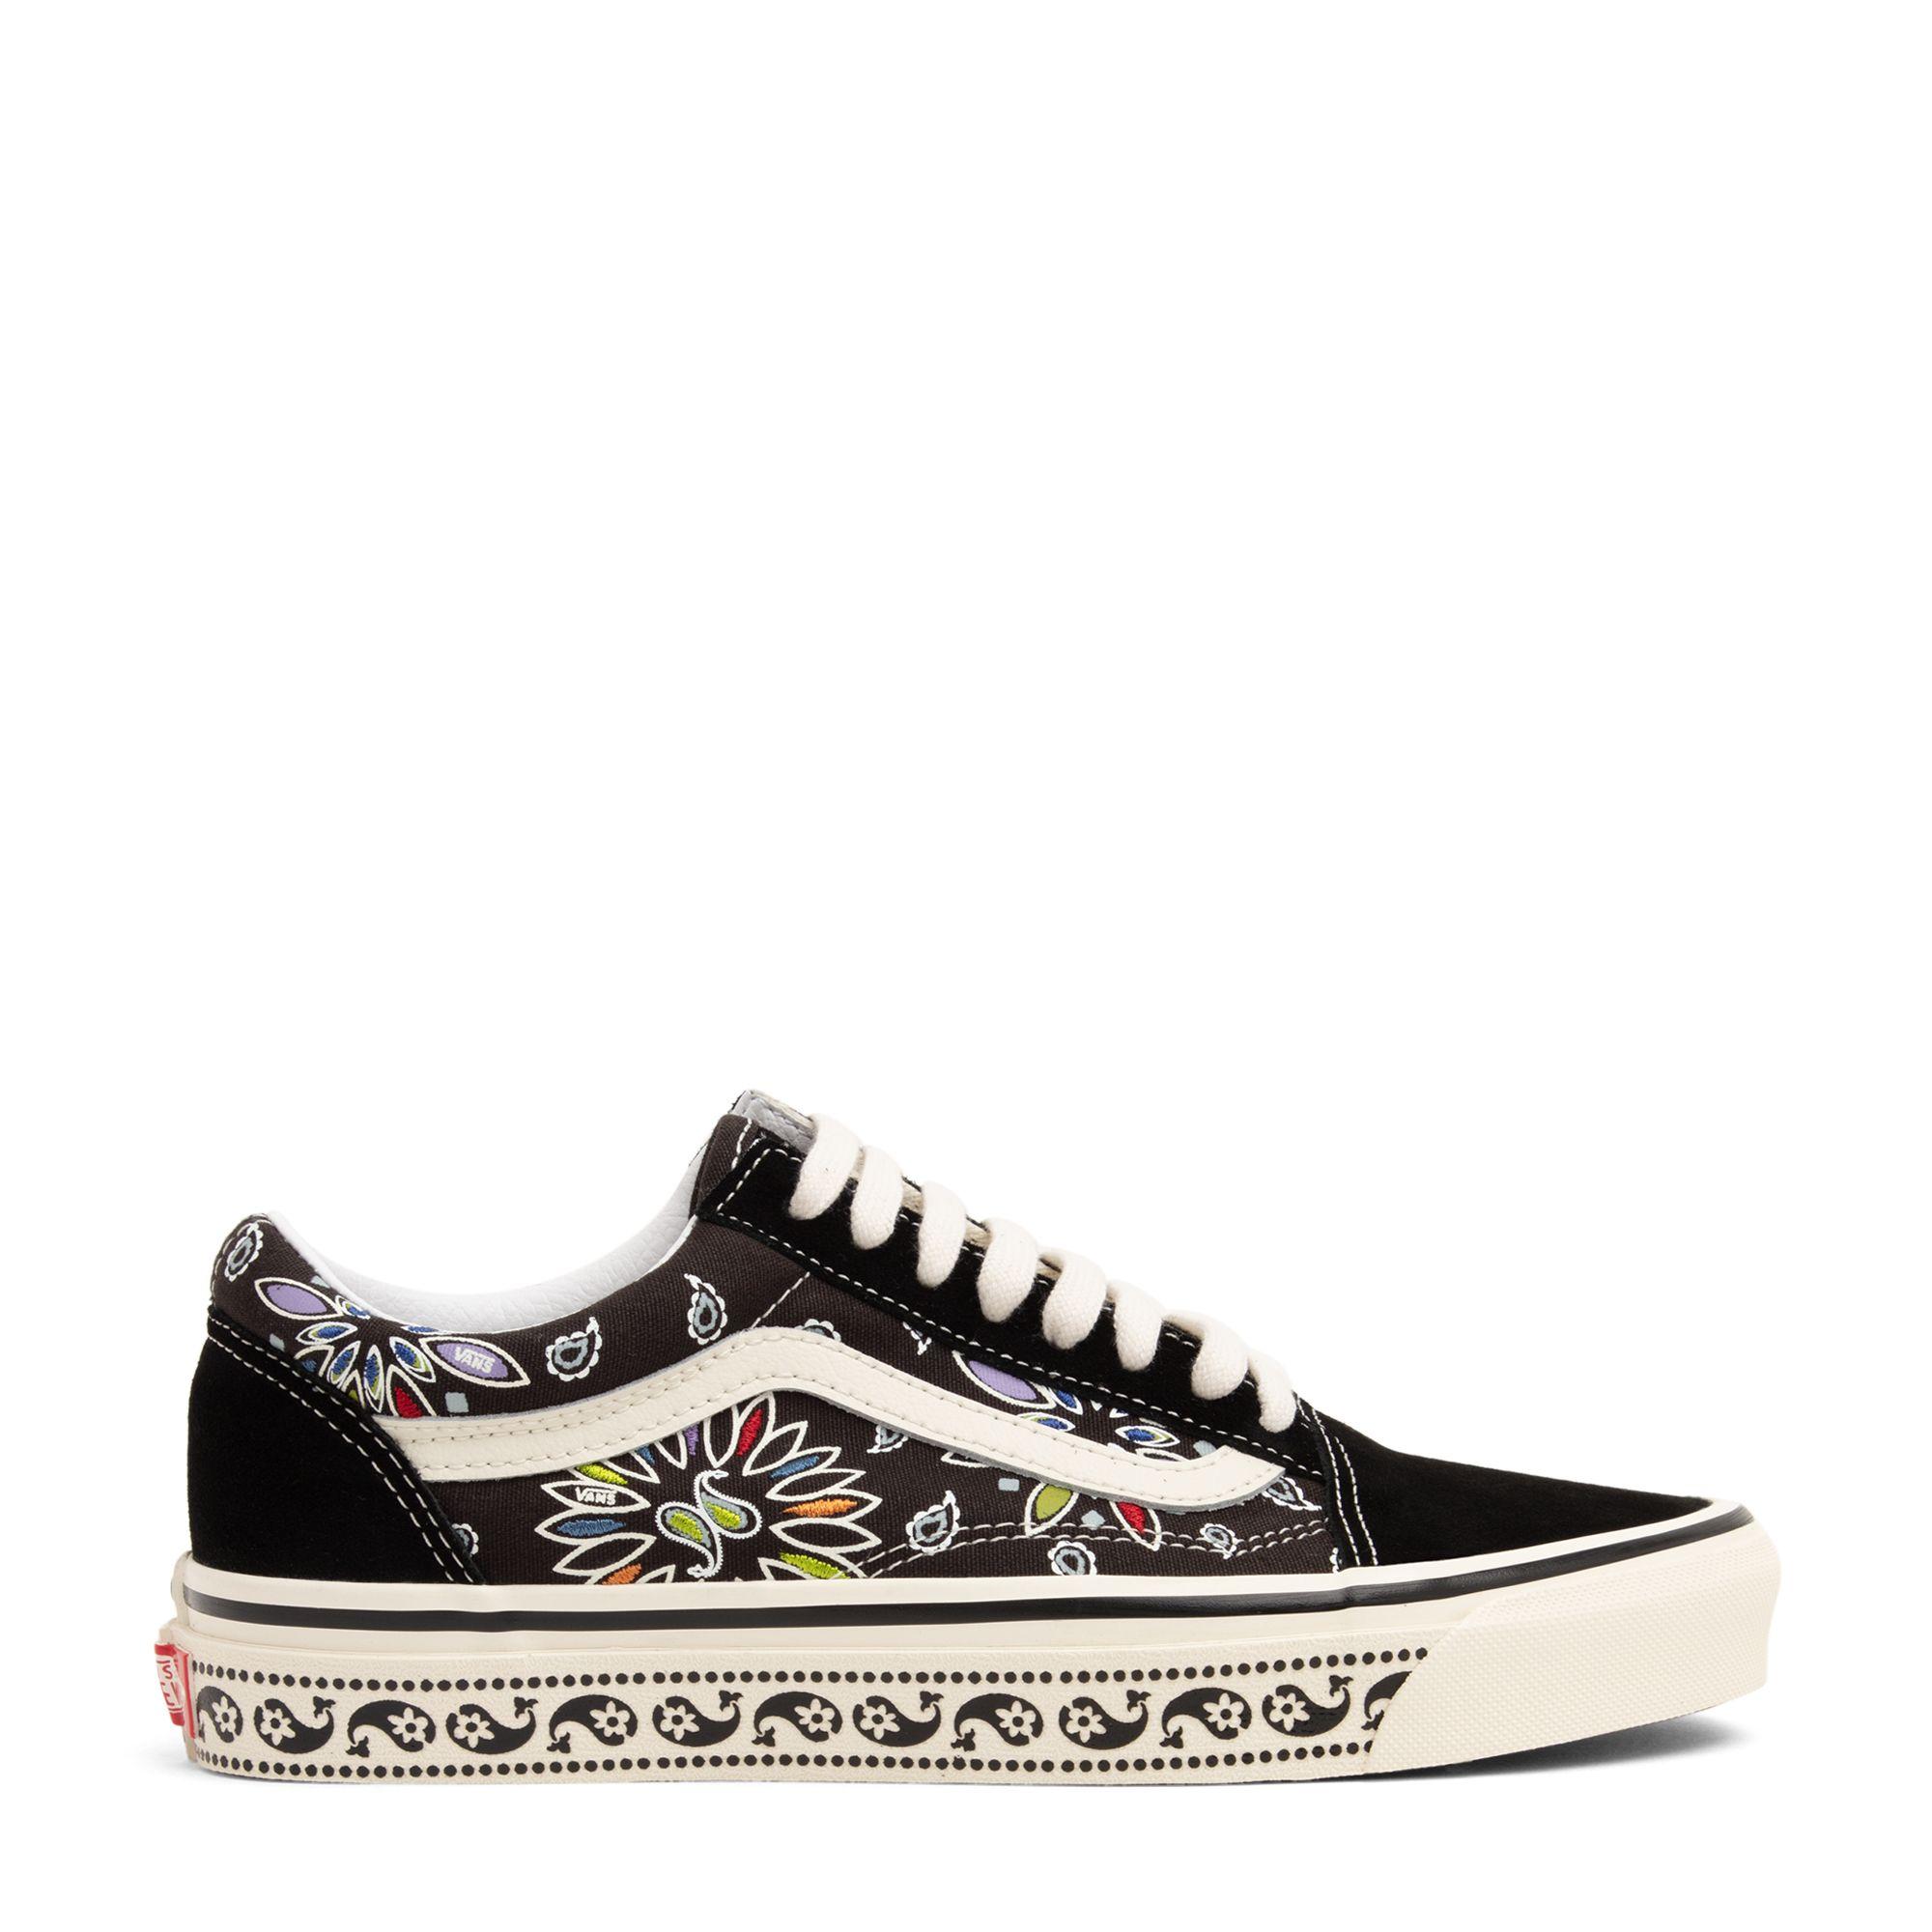 Old Skool 36 DX sneakers